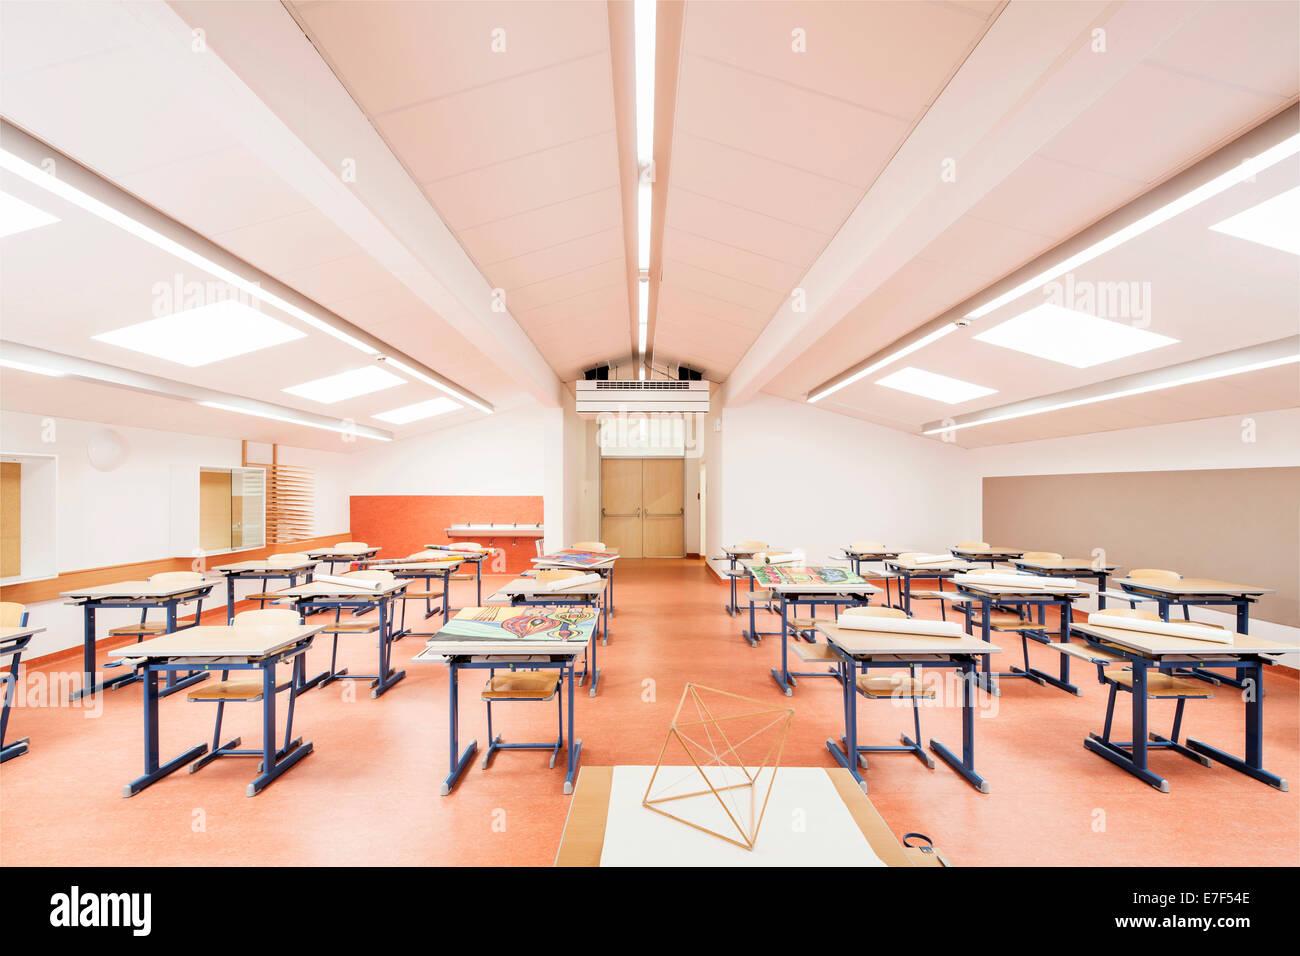 Kunst-Raum an einer Mittelschule, Reith Im Alpbachtal, Tirol, Österreich Stockbild